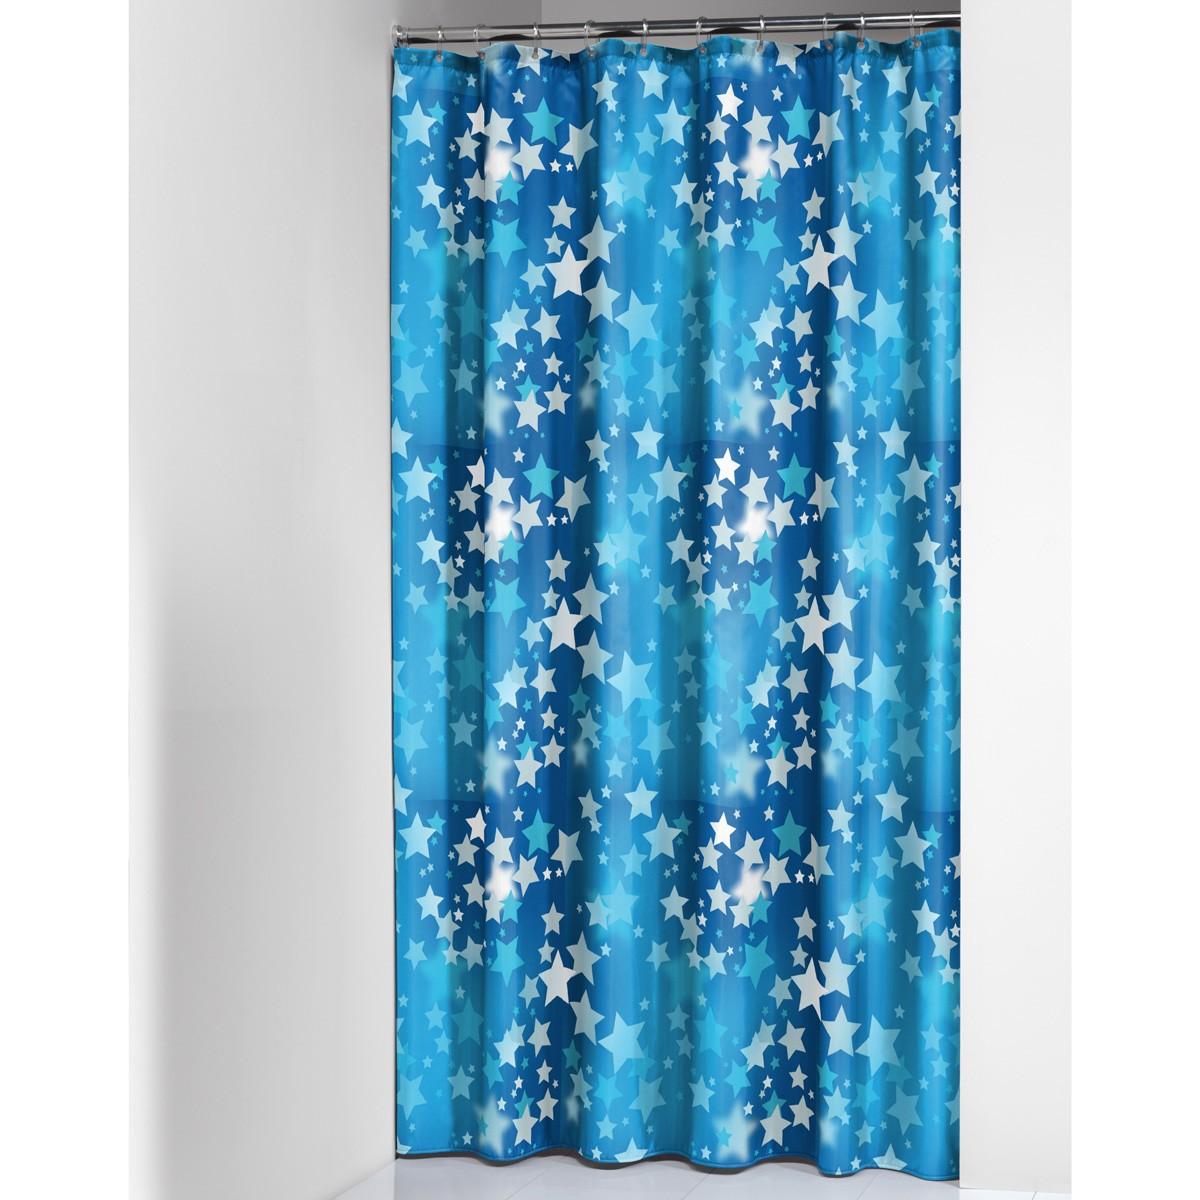 Κουρτίνα Μπάνιου Πλαστική (180x200) SealSkin Starry Sky